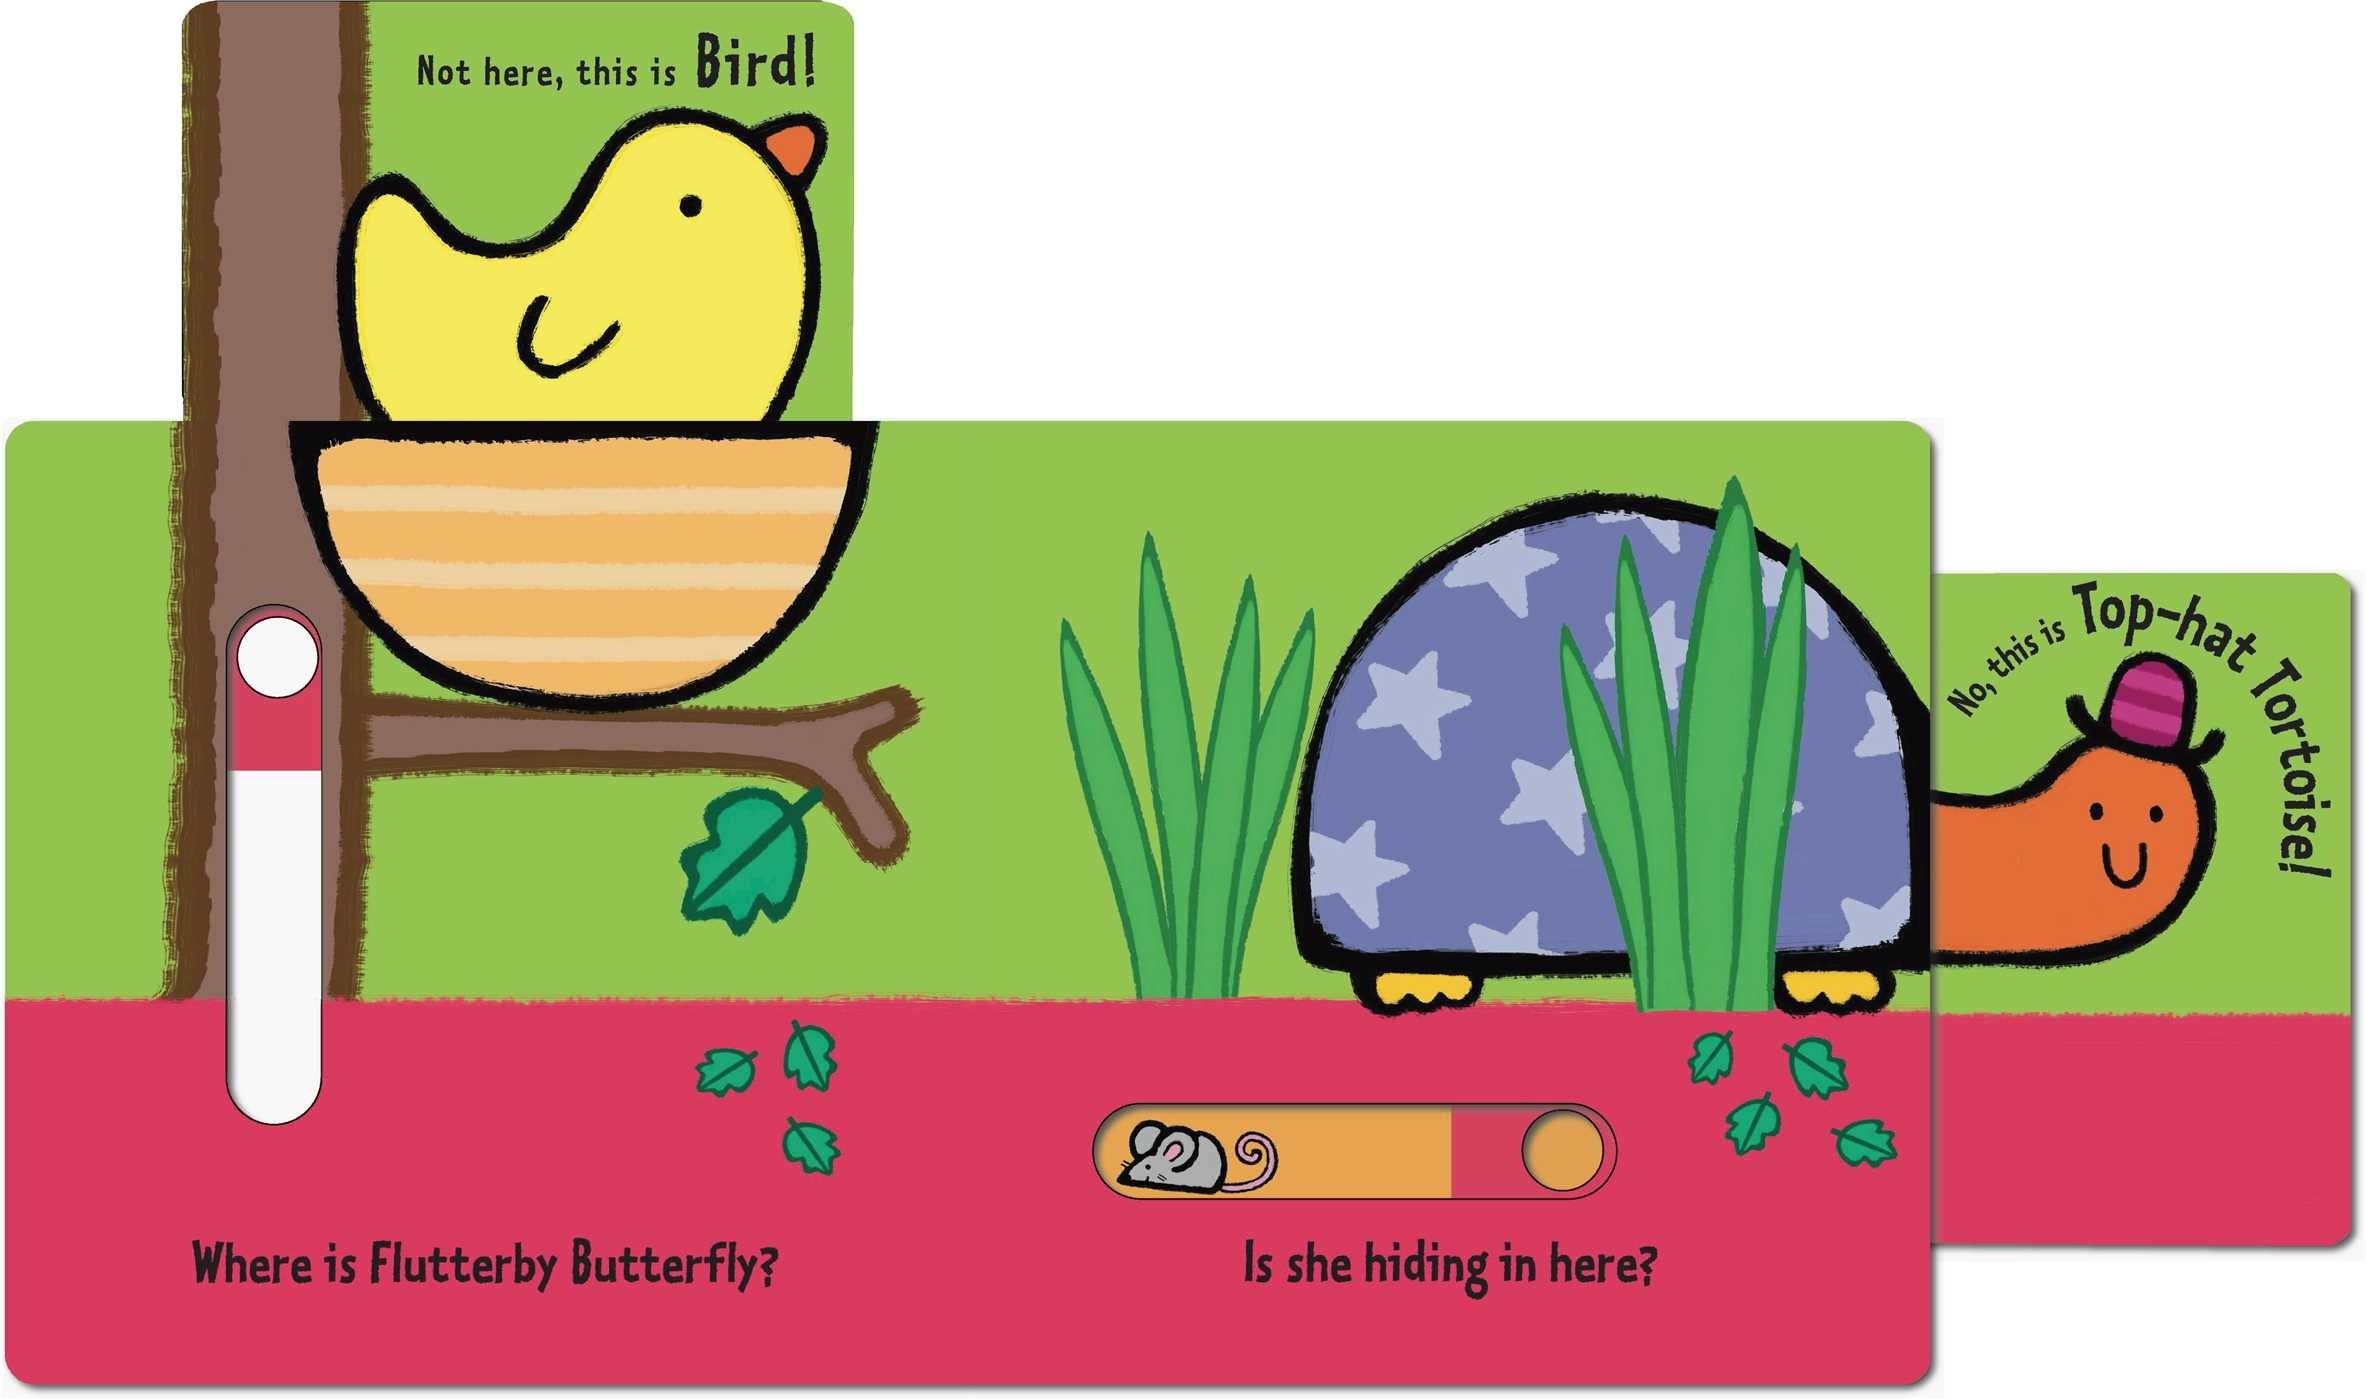 Flutterby butterfly 9781499800296.in02